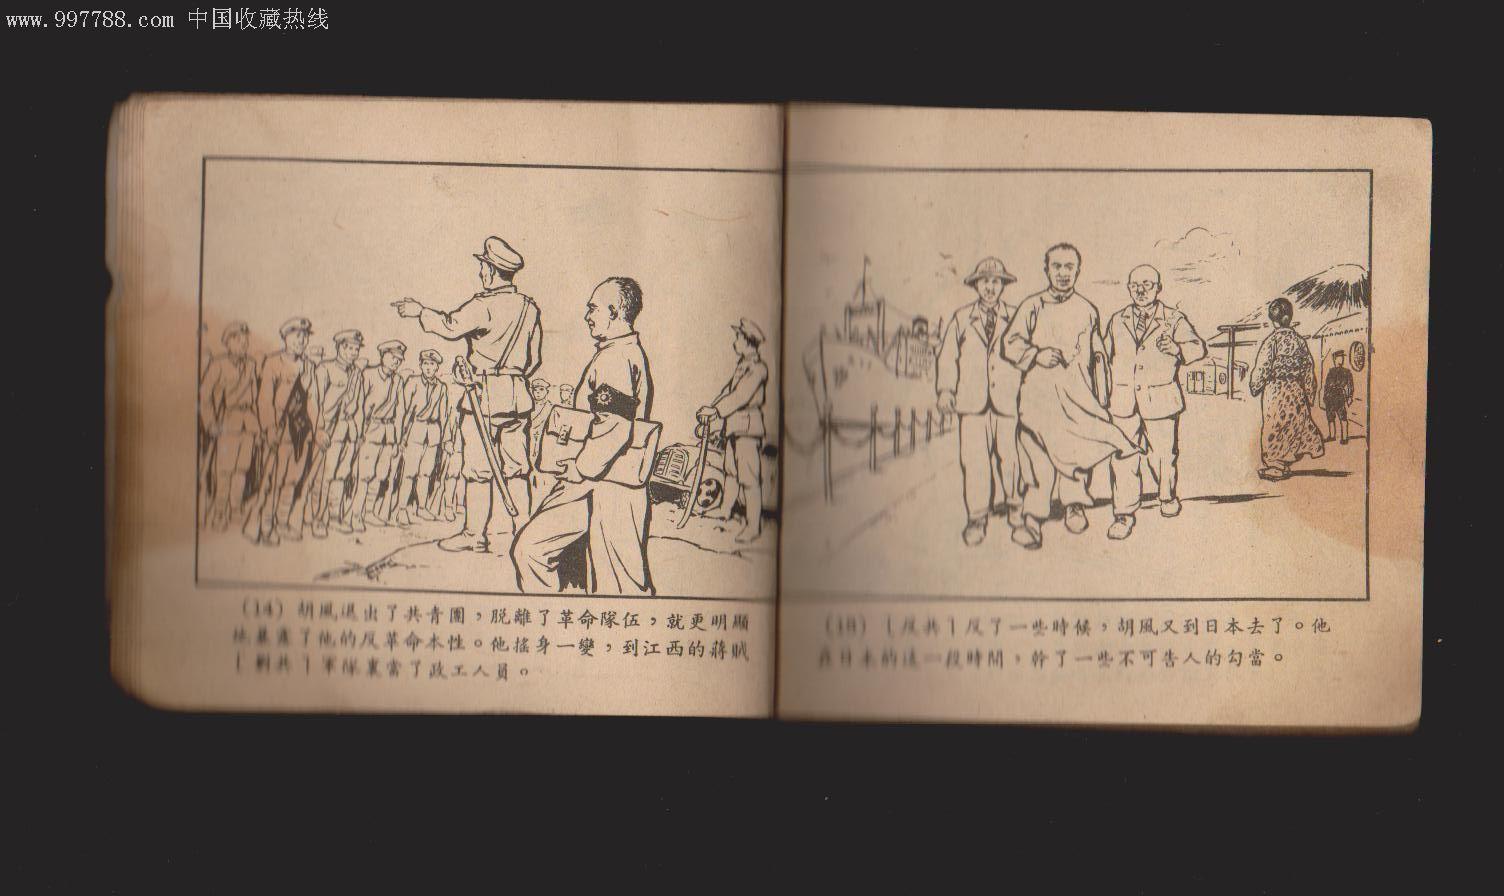 1958年版/胡风反革命集团罪恶活动